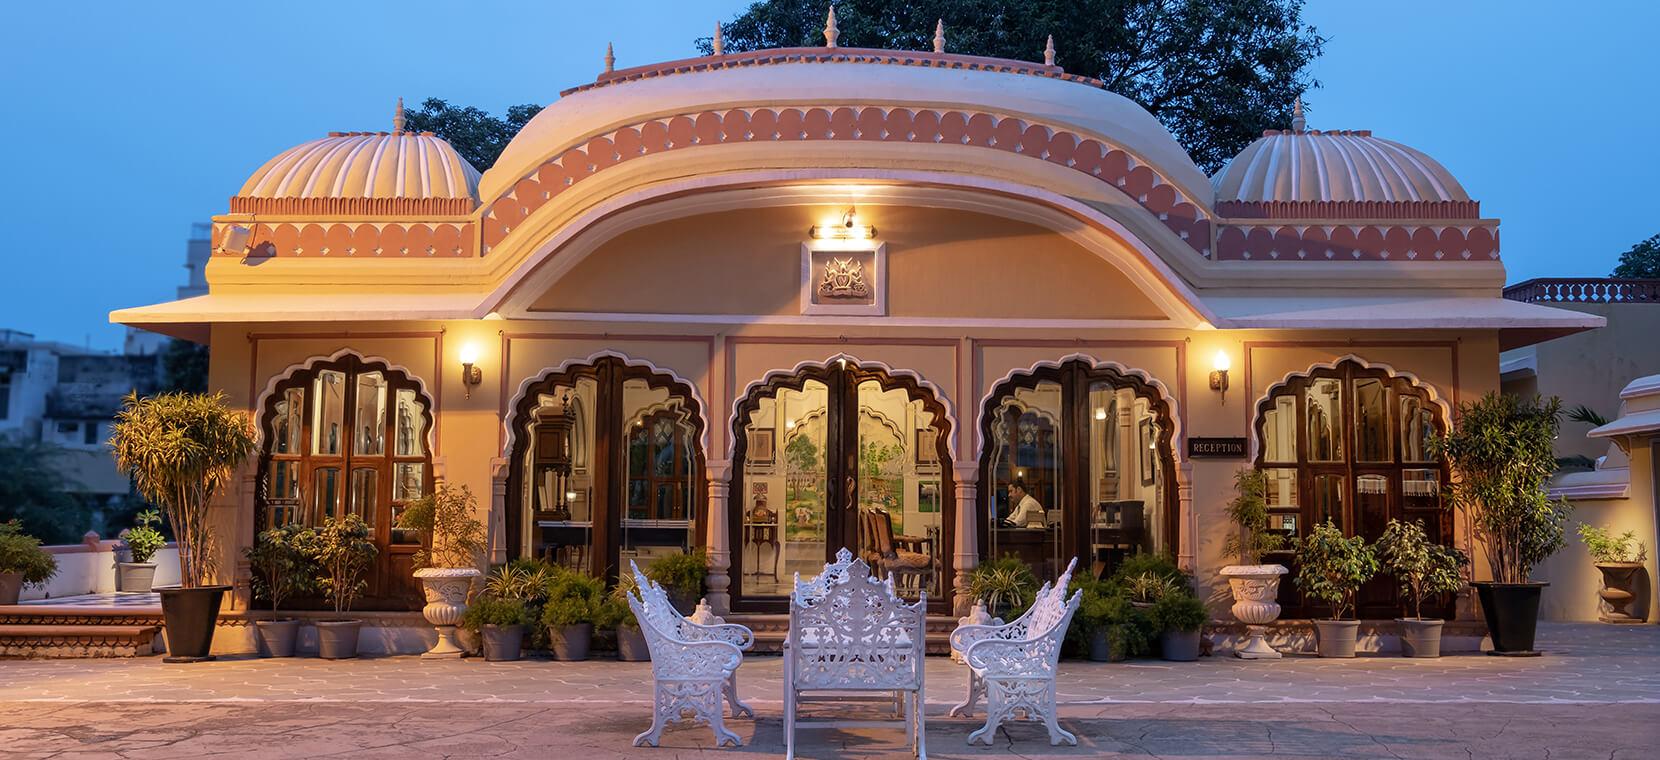 Narain-Niwas-Palace-Heritage-Hotel-In-Rajasthan